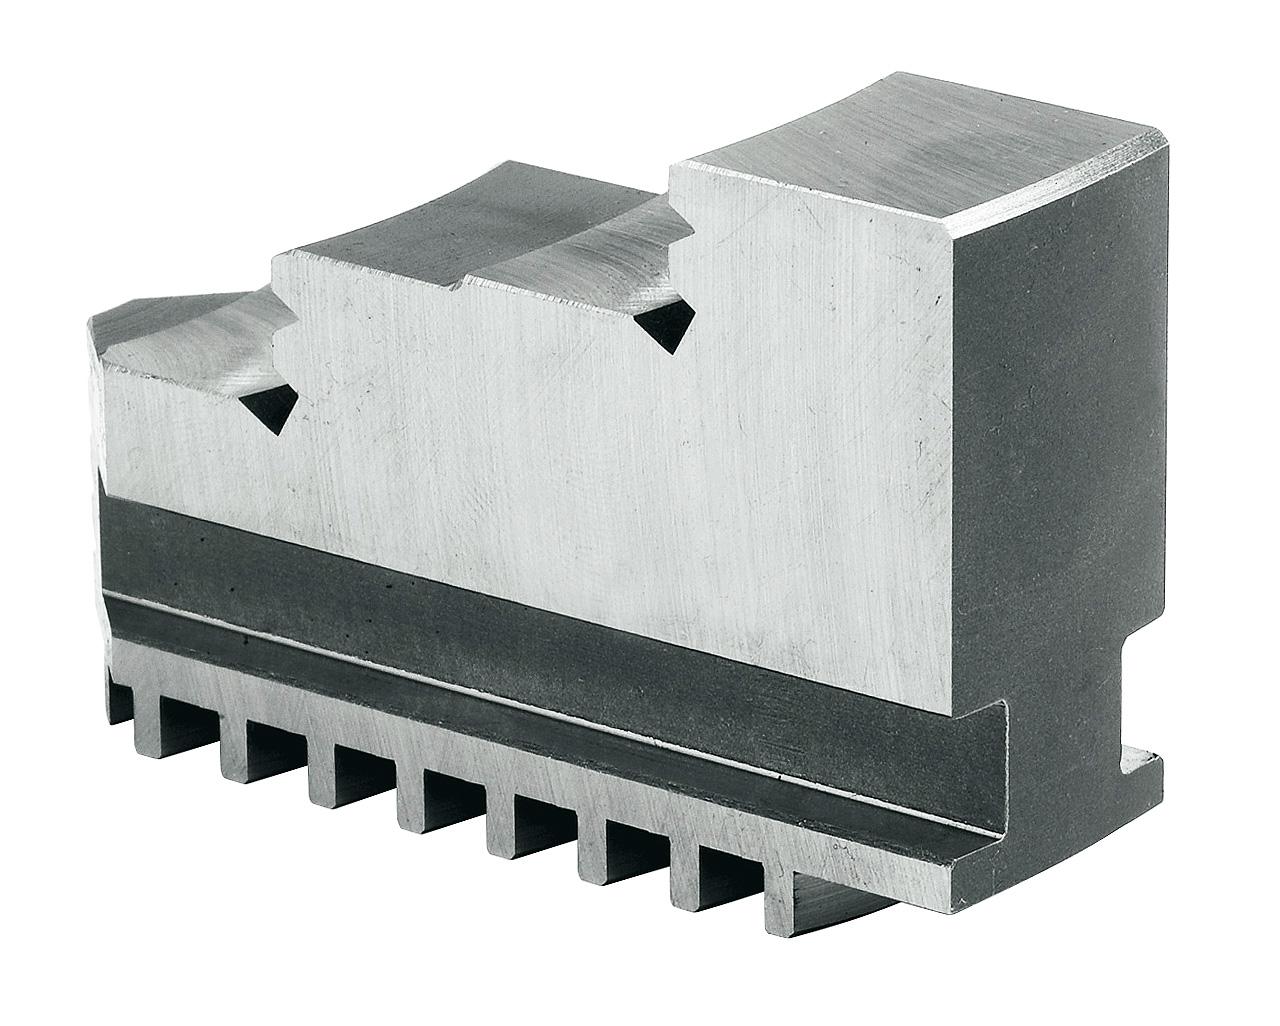 Szczęki jednolite twarde wewnętrzne - komplet IJ-PS4-630 BERNARDO